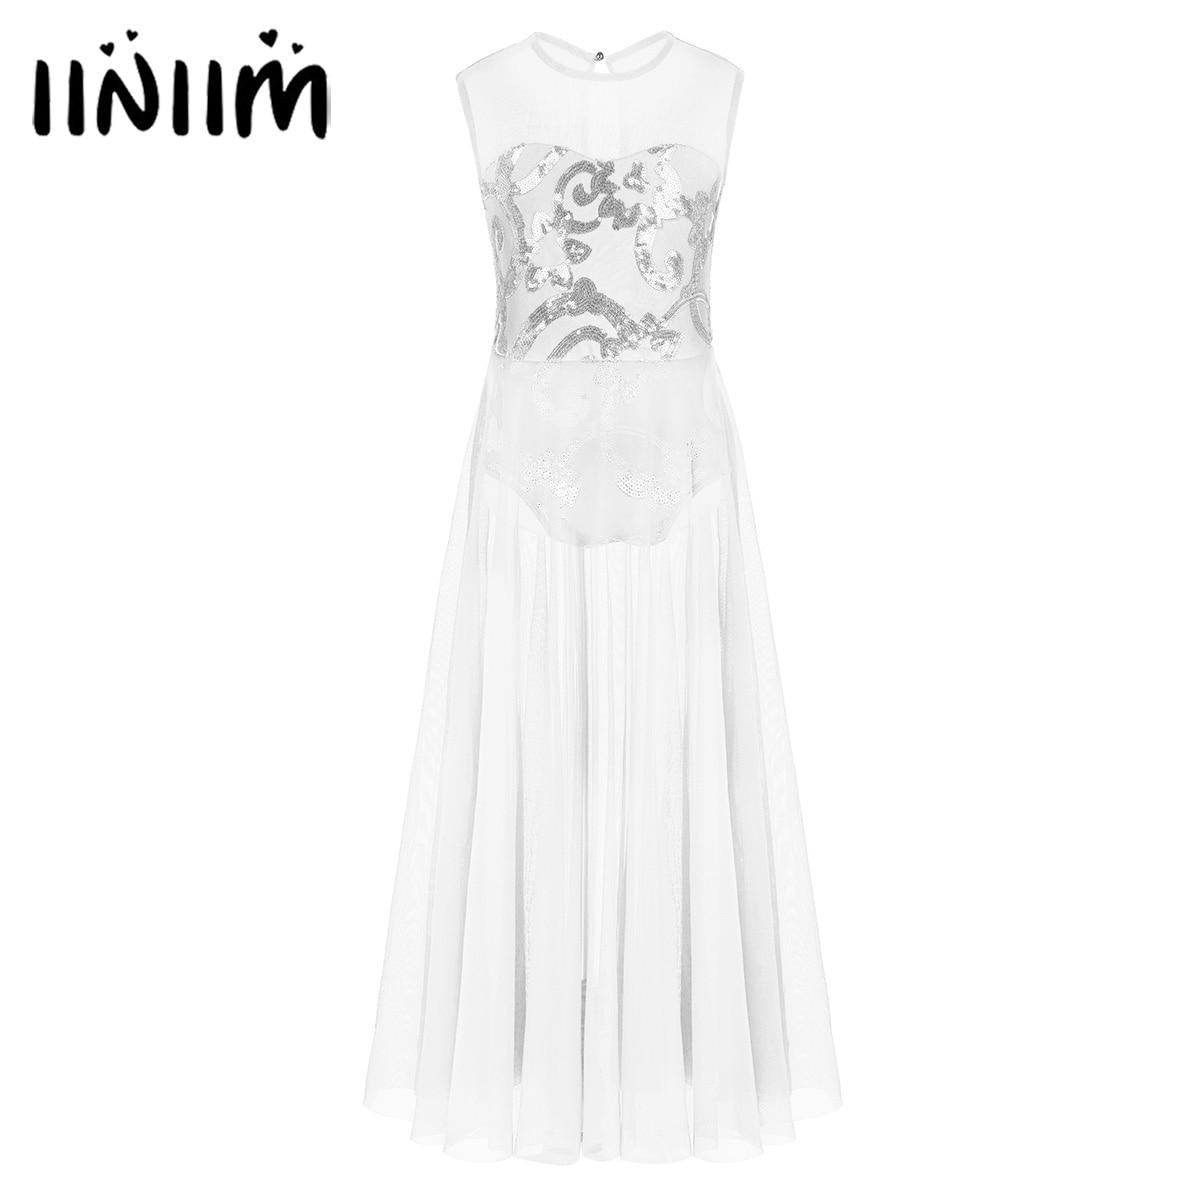 teen-lyrical-dress-sleeveless-floral-sequins-cut-leg-font-b-ballet-b-font-dancewear-dress-for-kids-costumes-gymnastics-leotard-dance-dress